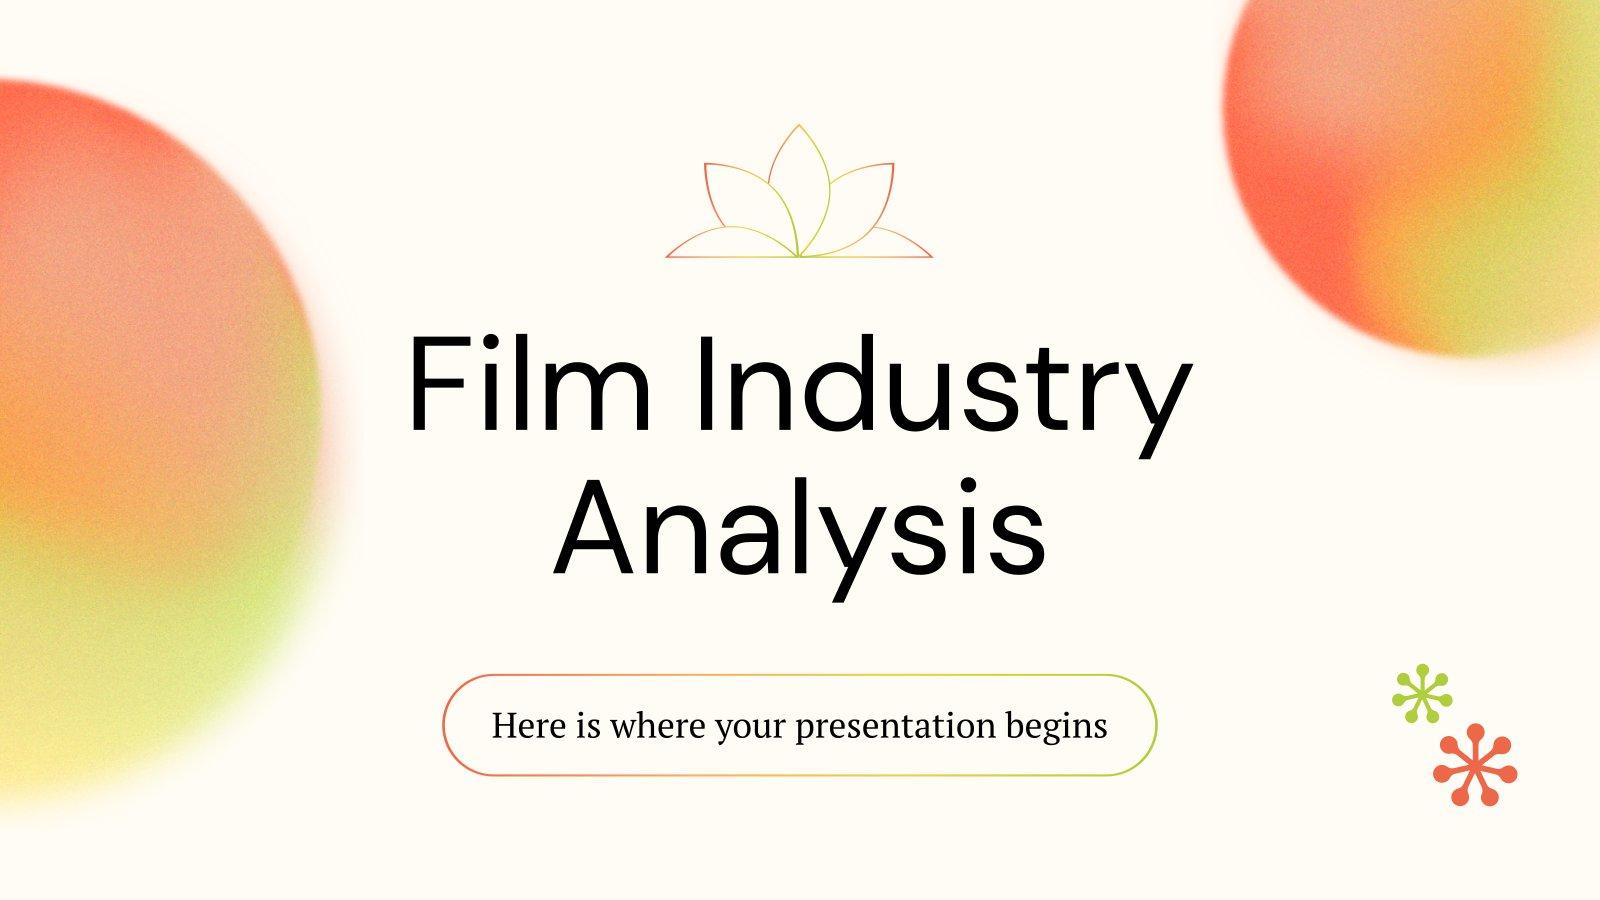 Analyse der Filmindustrie Präsentationsvorlage